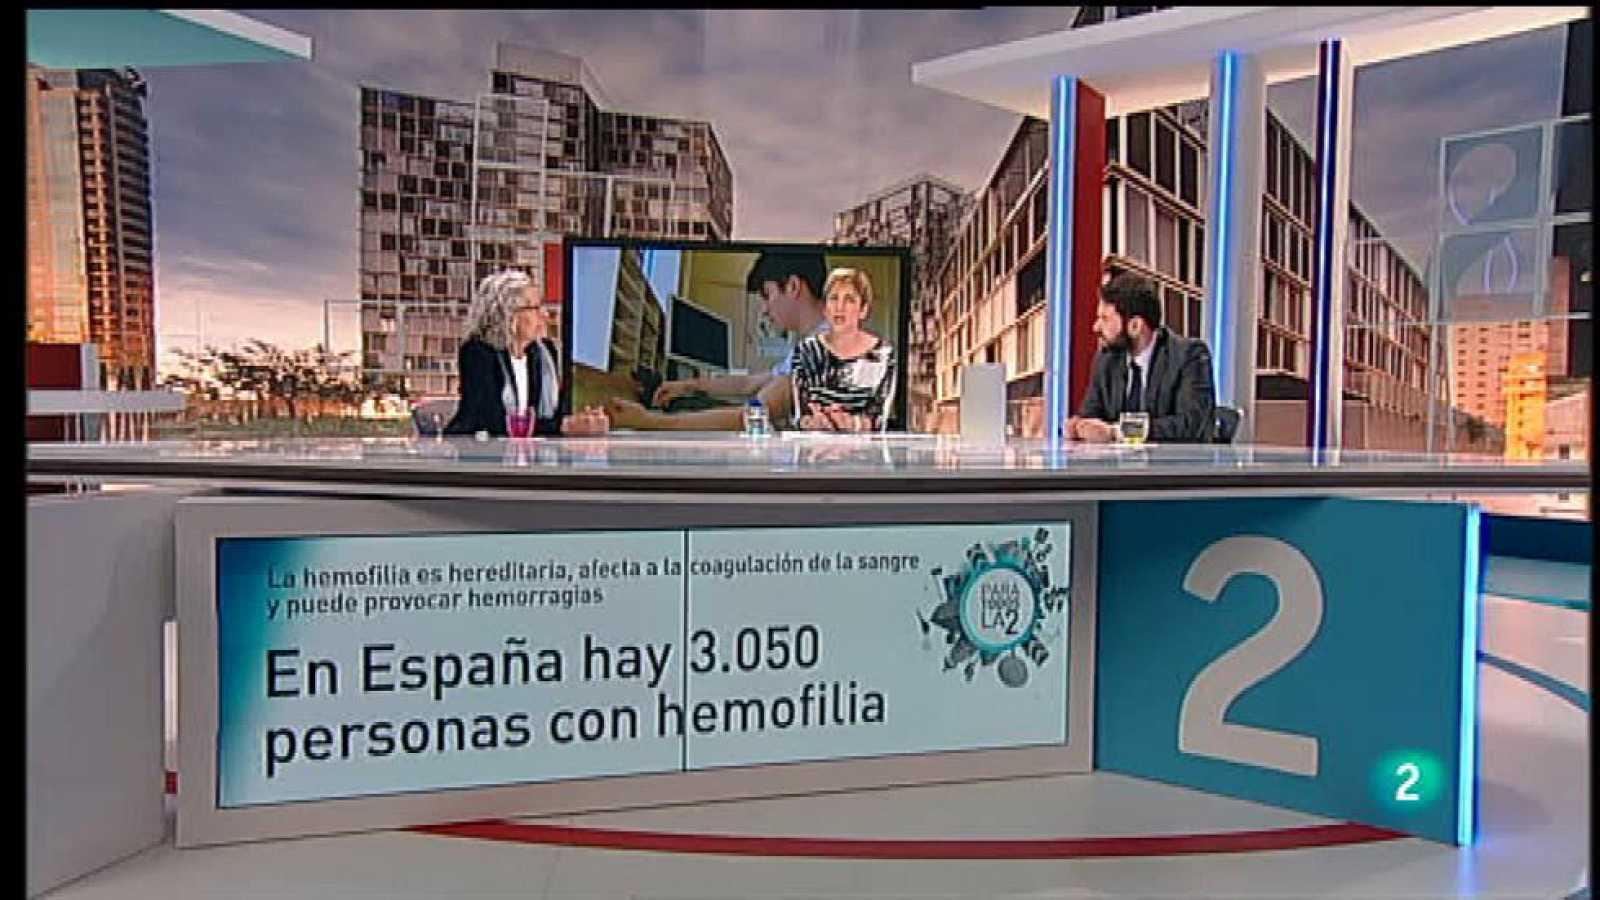 Para Todos la 2 - Debate - La hemofilia